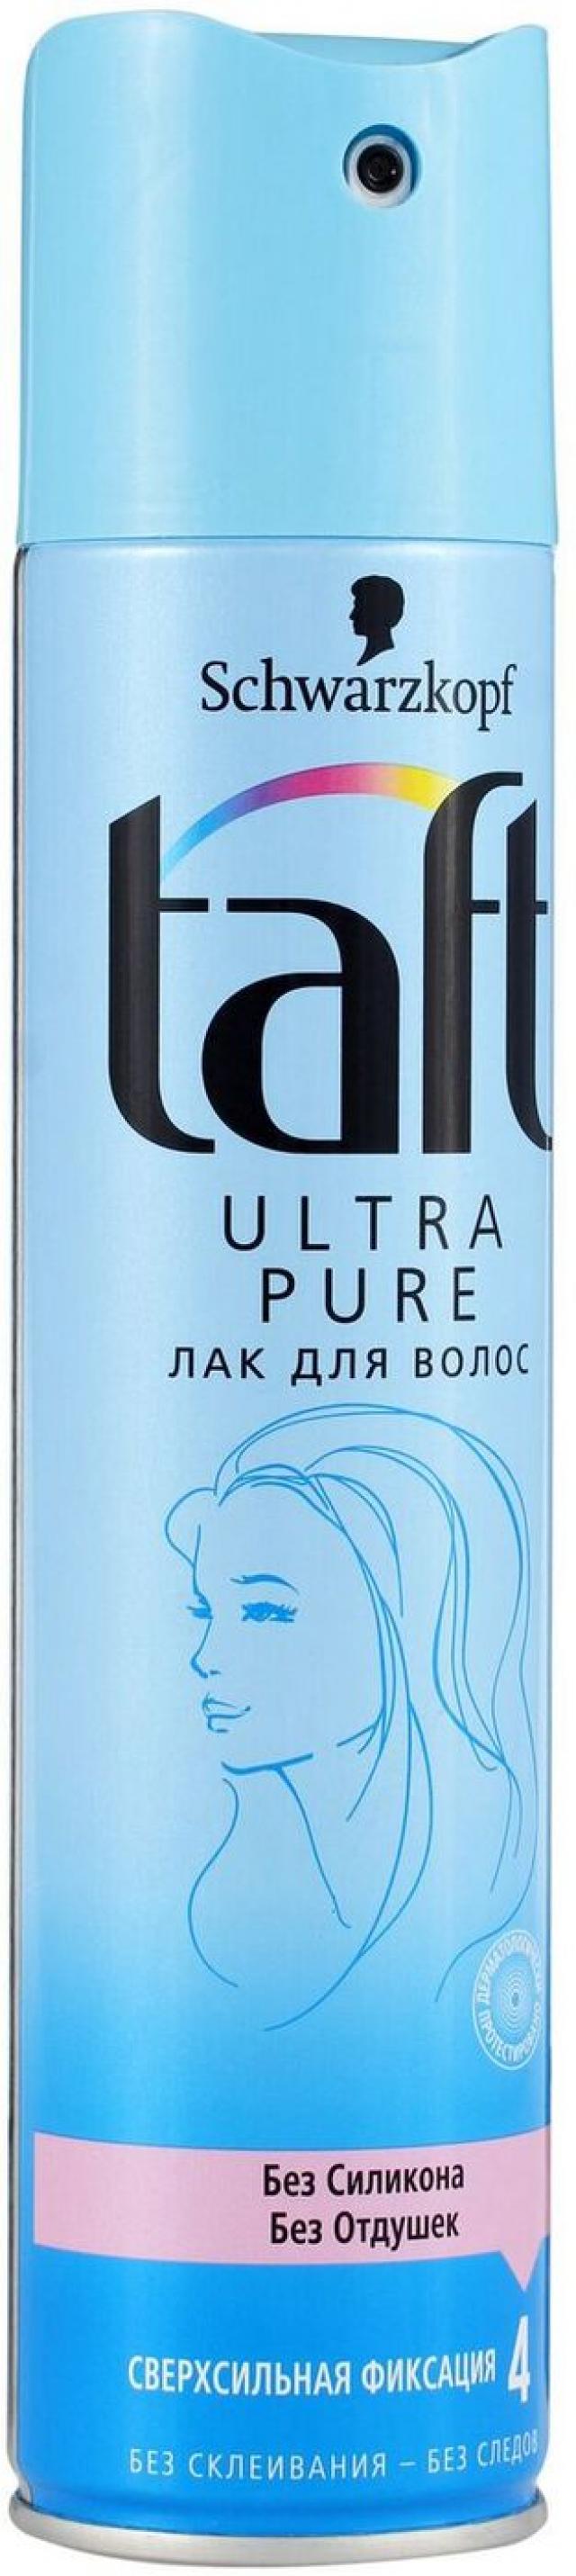 Тафт лак для волос Ультра 225мл купить в Москве по цене от 0 рублей